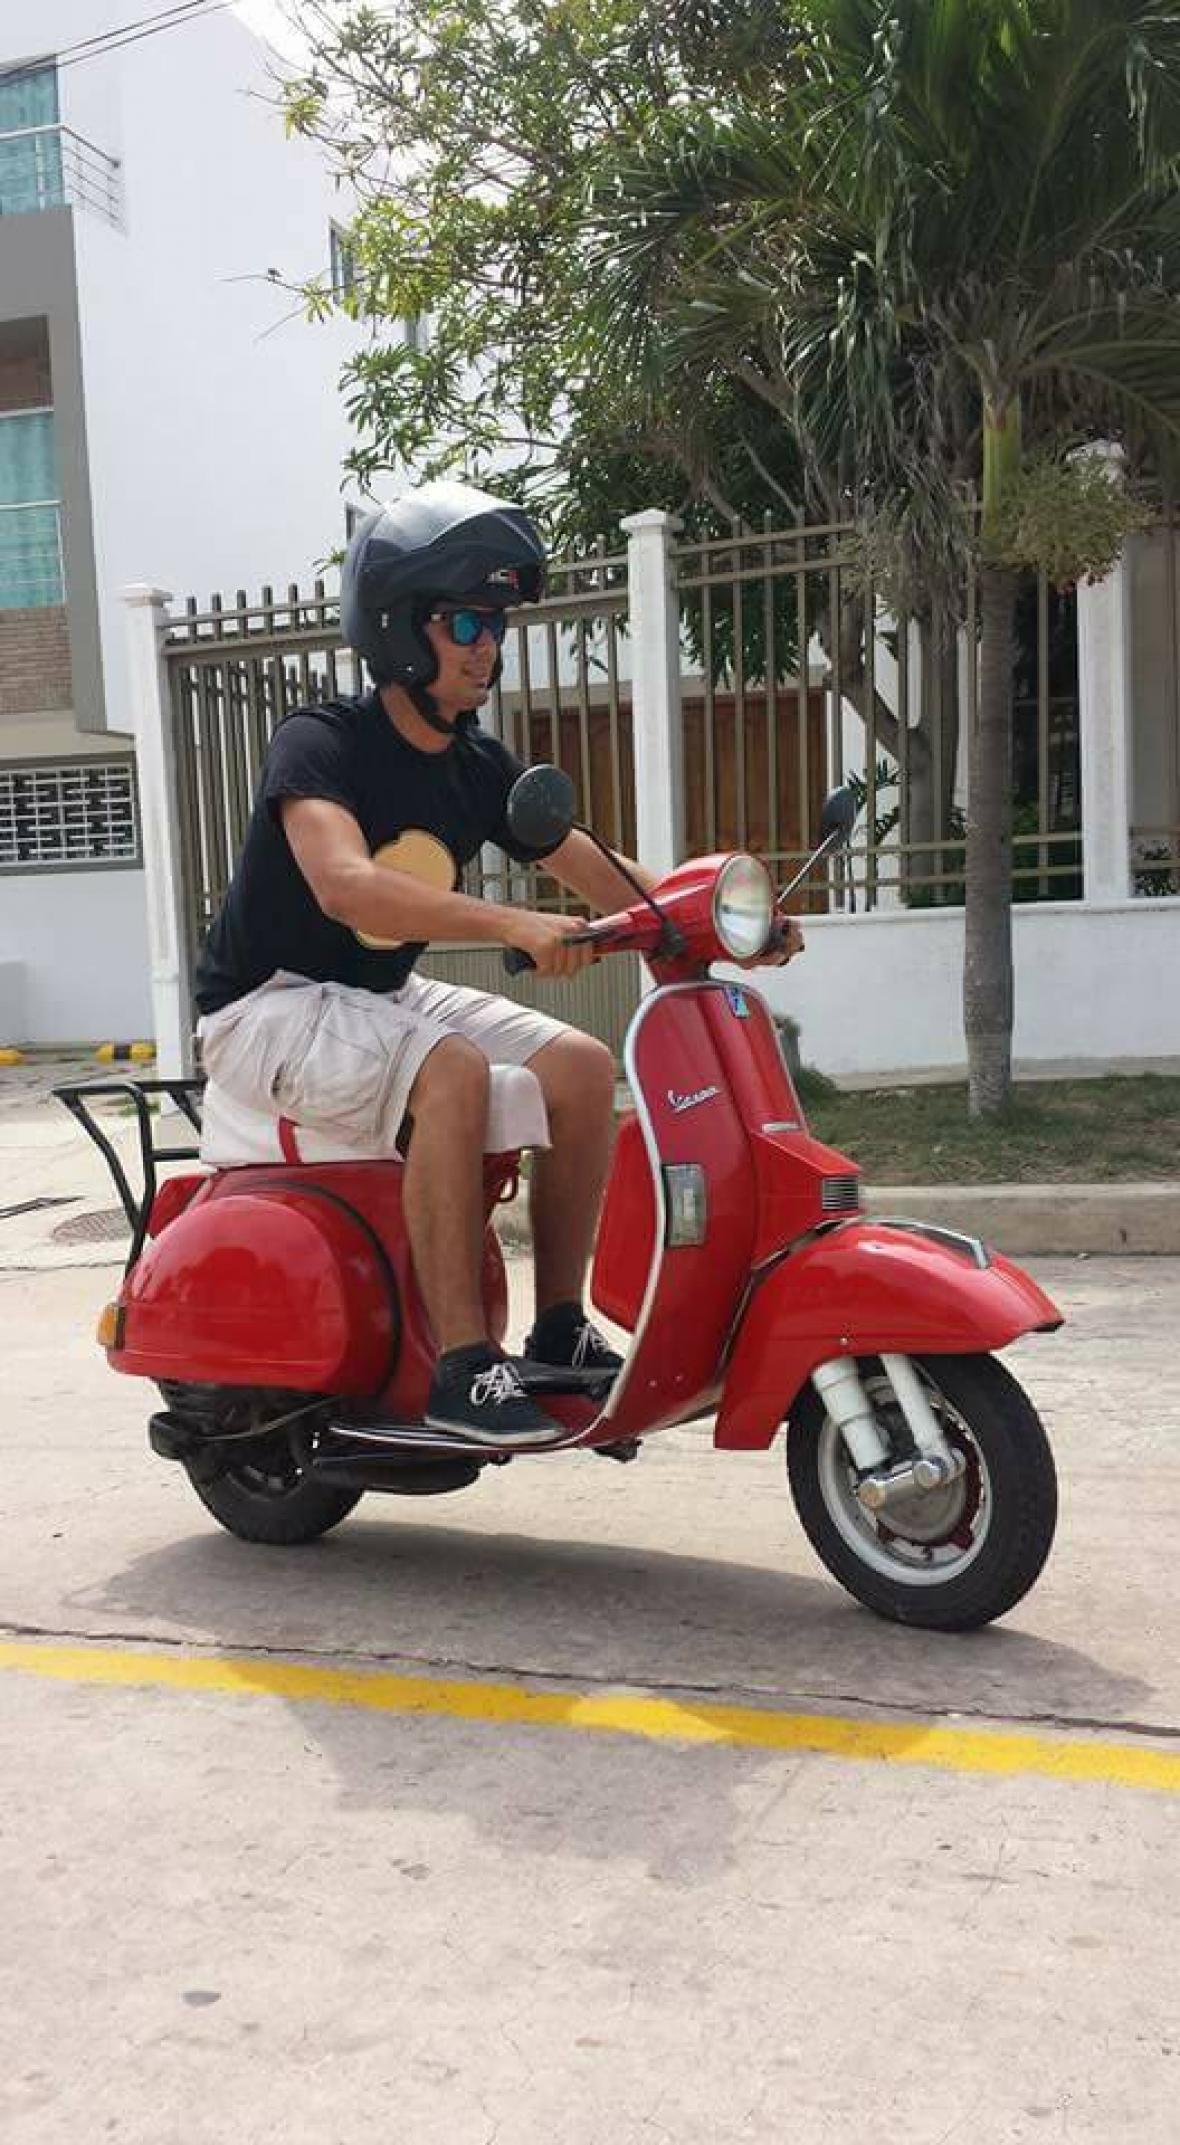 En su moto Vespa 'rodando' cerca de su casa.